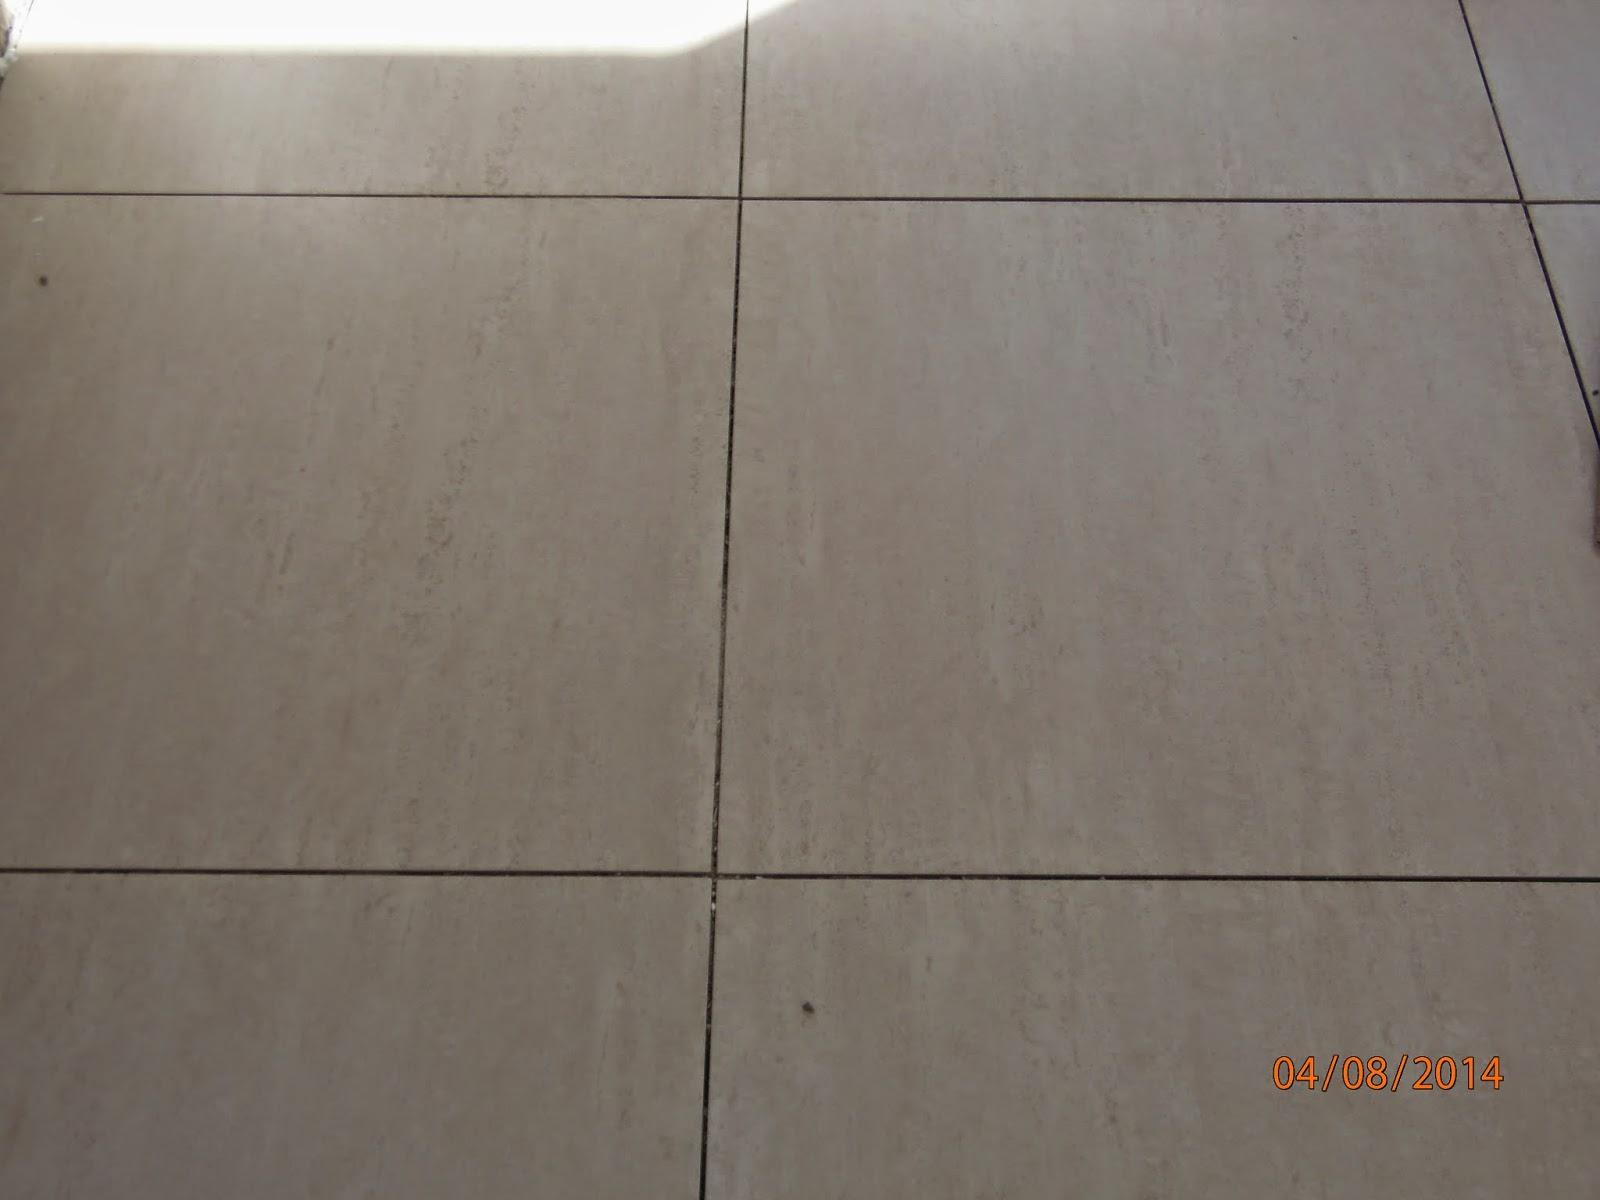 Porcelanato da cozinha 62x62 esmaltado (ainda sem rejunte e sujo) #B1511A 1600x1200 Banheiro Branco Com Rejunte Cinza